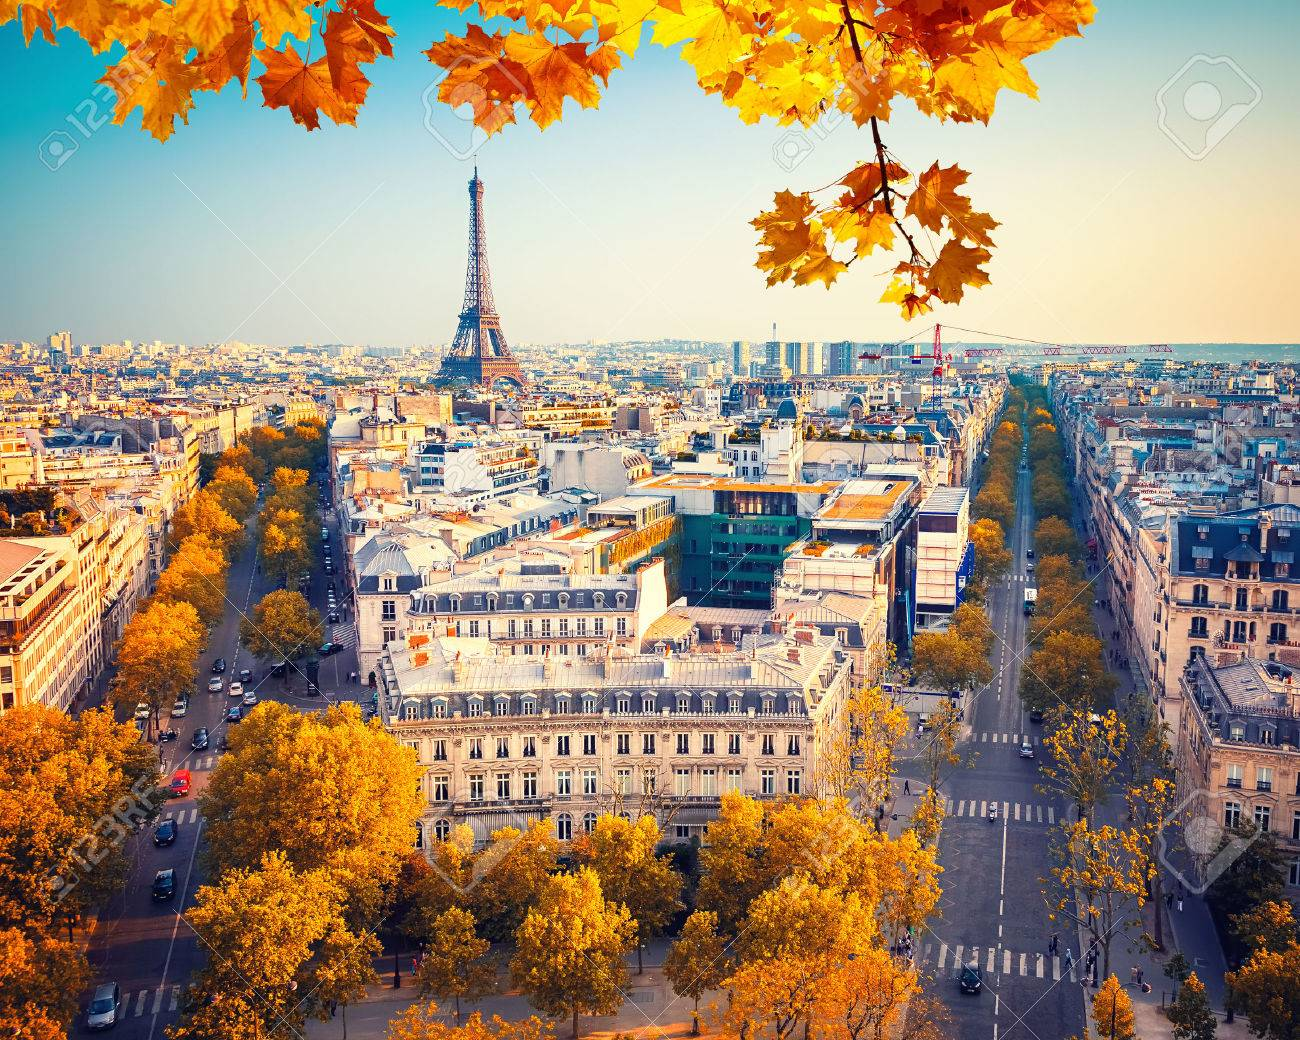 Vue sur la tour Eiffel au coucher du soleil, Paris, France Banque d'images - 46043848